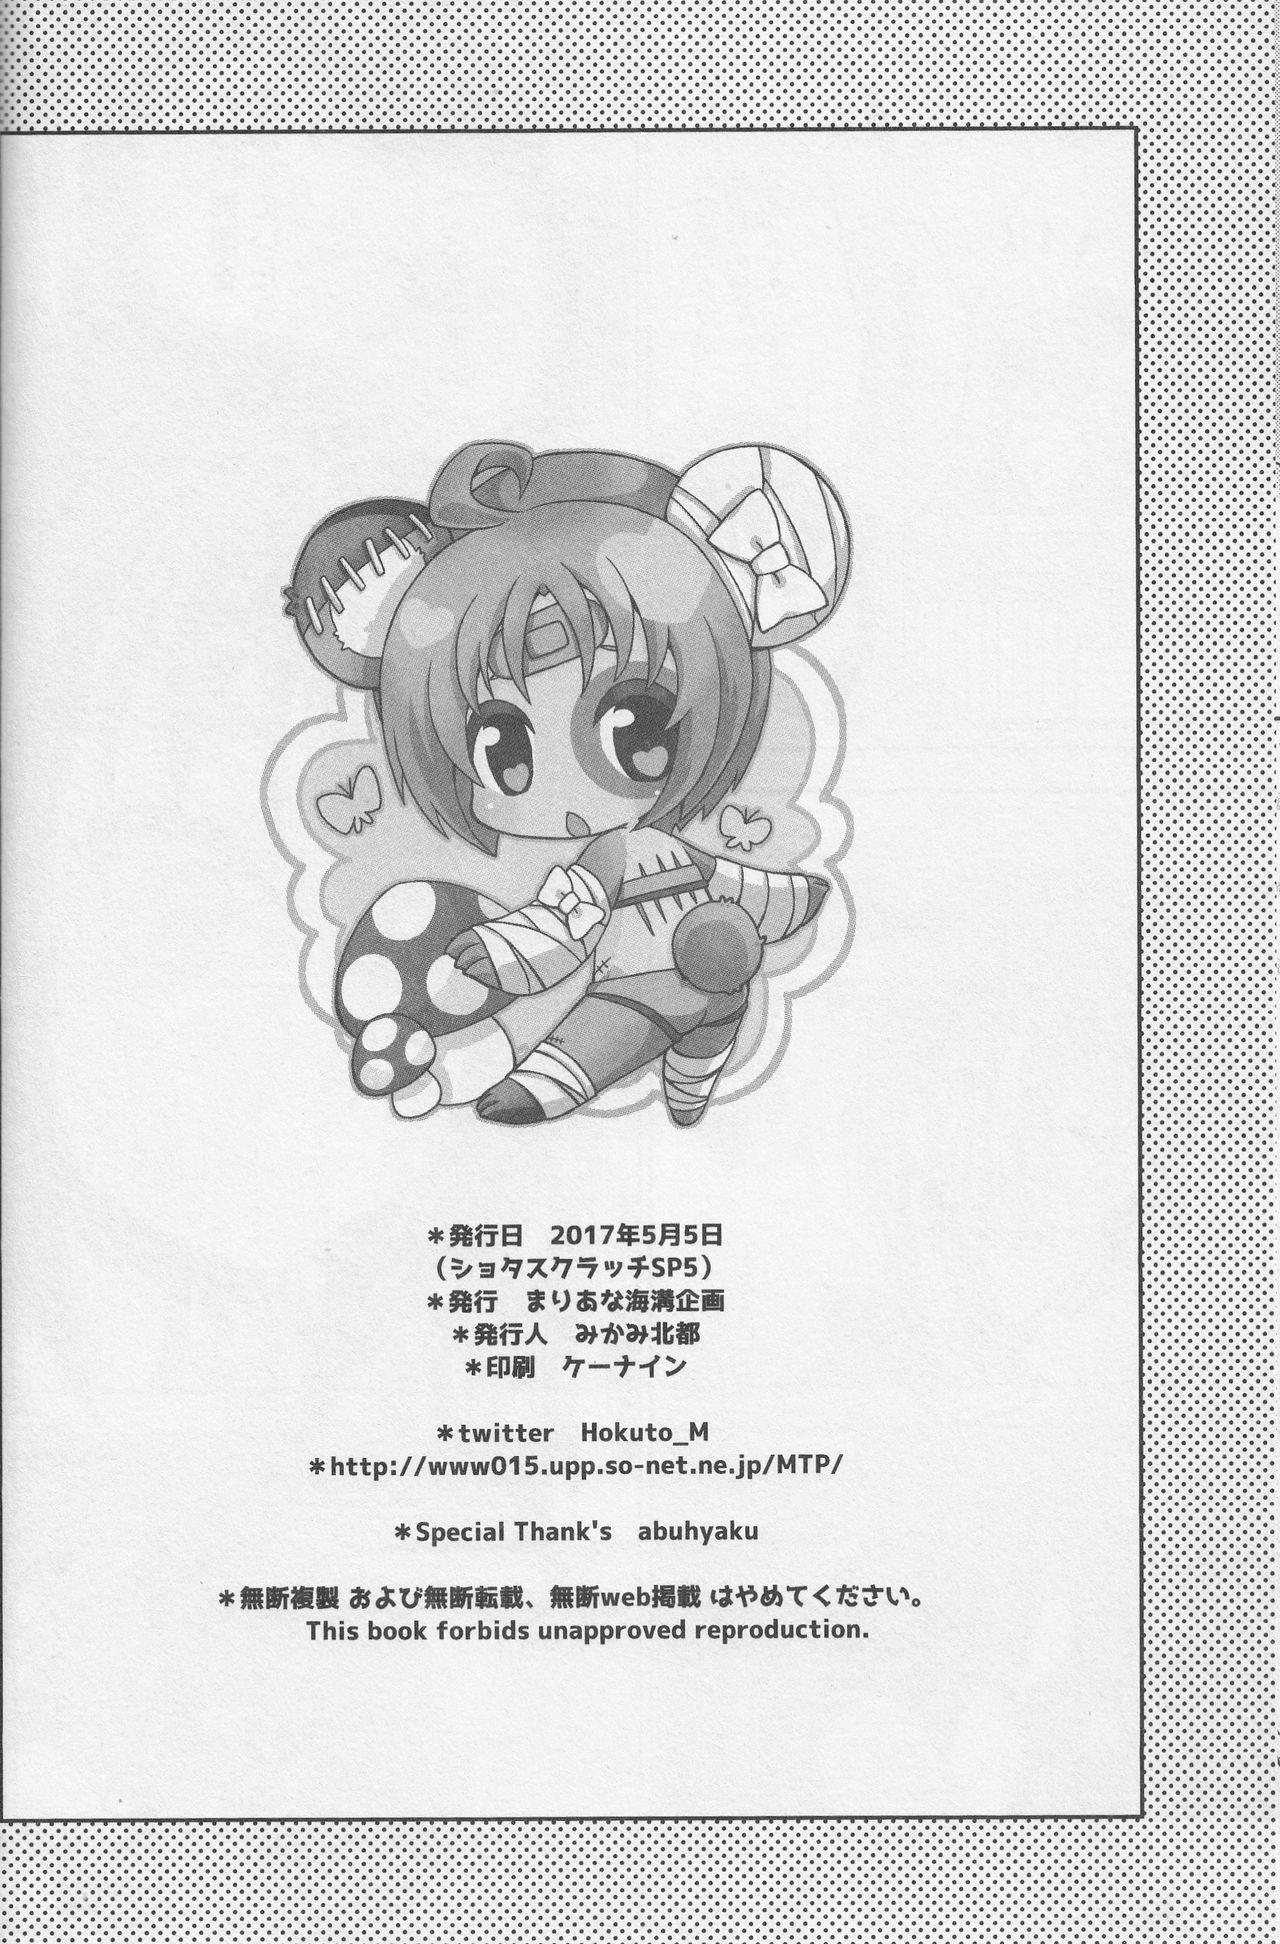 (Shota Scratch SP5) [Mariana Kaikou Kikaku (Mikami Hokuto)] Bokorare-guma ga Homorare-guma ni Sareru Hon (Girls und Panzer) 20